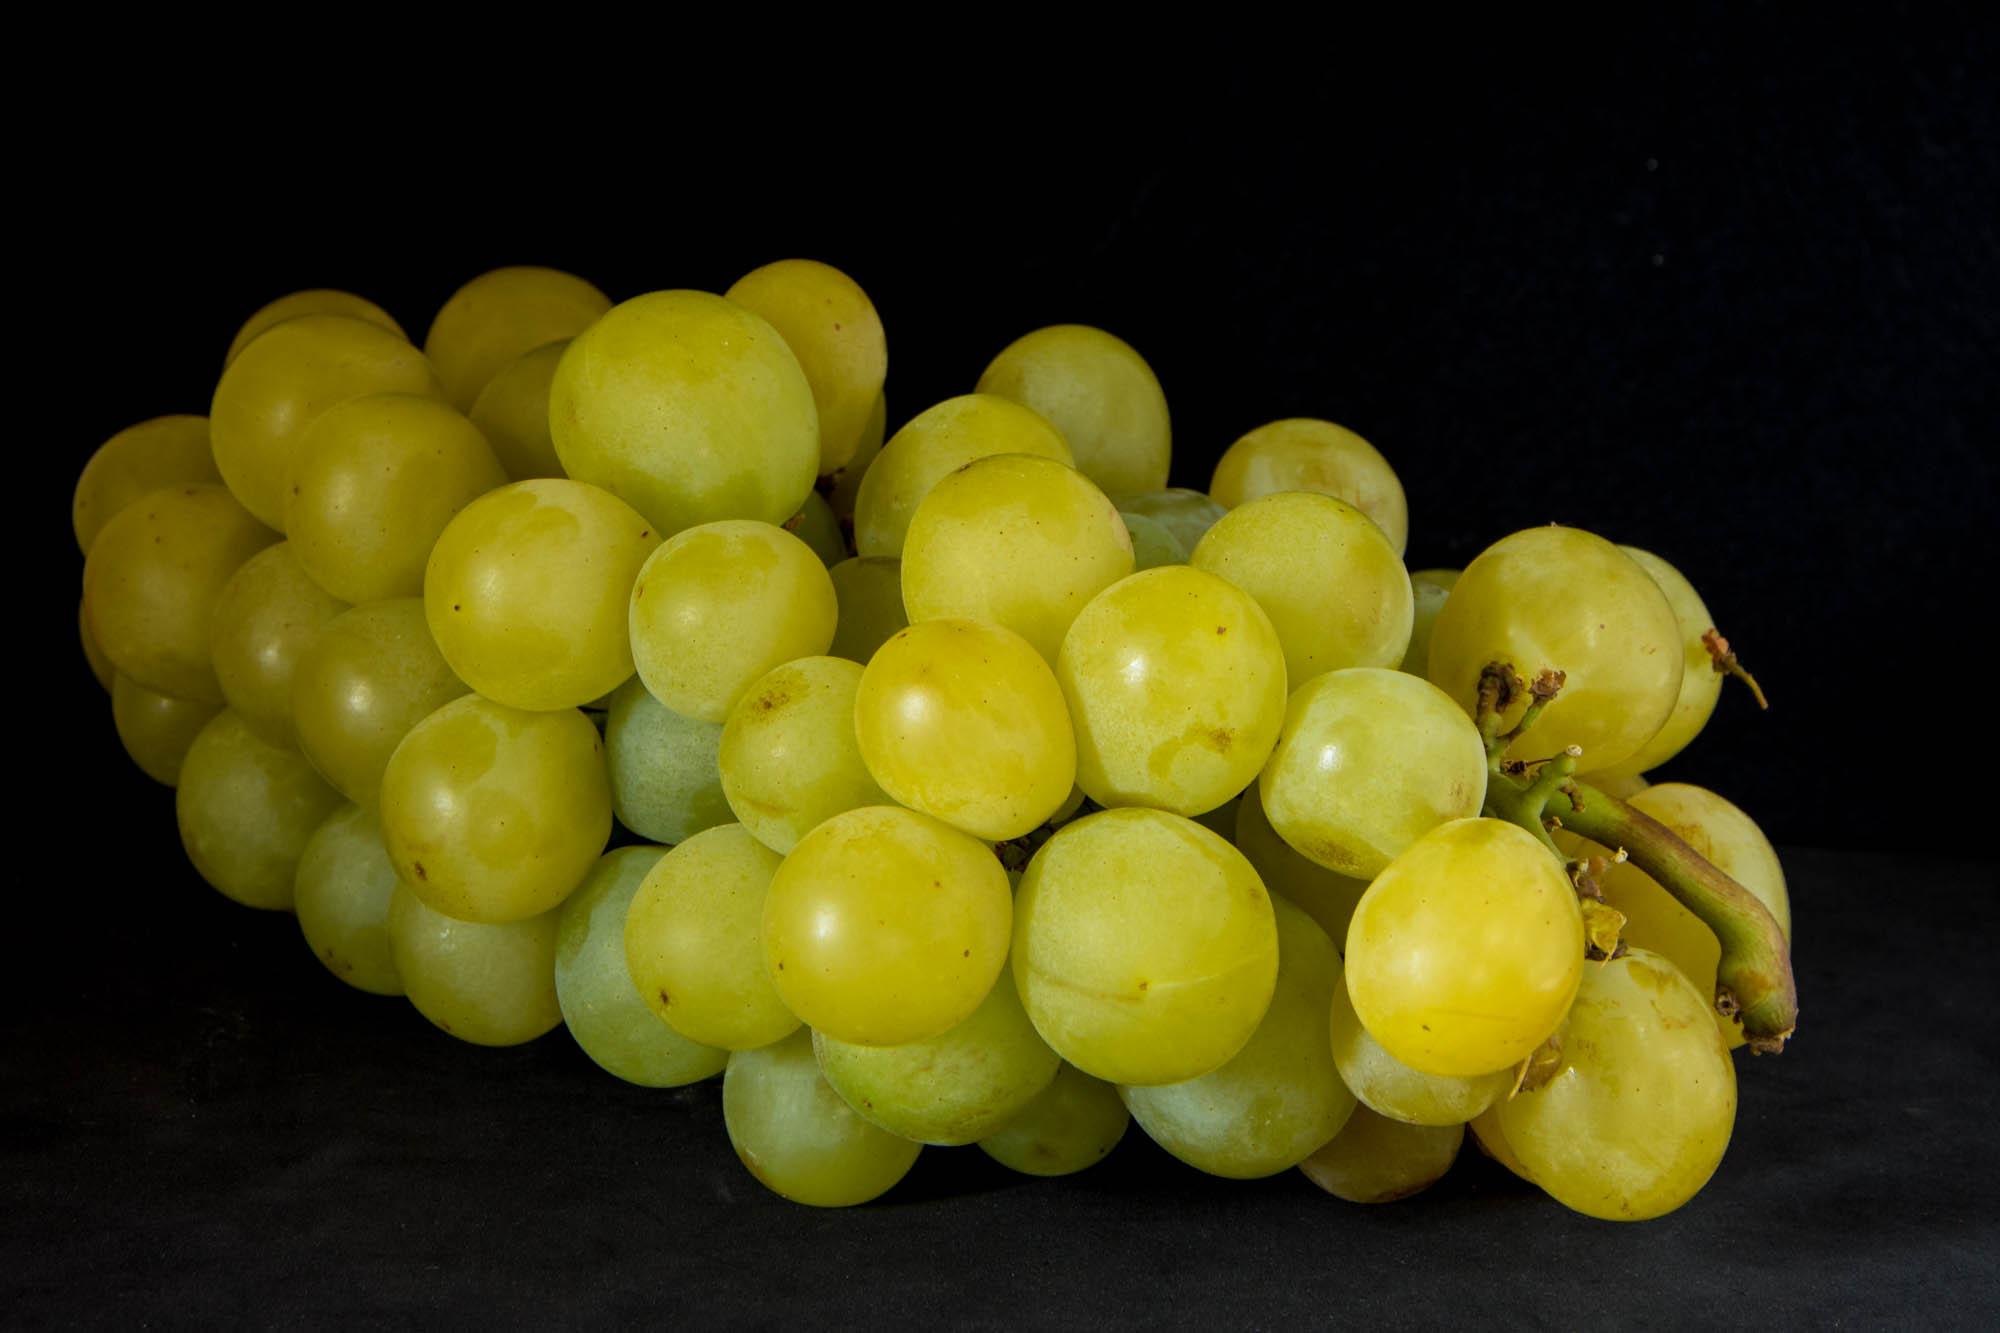 Des raisins blancs